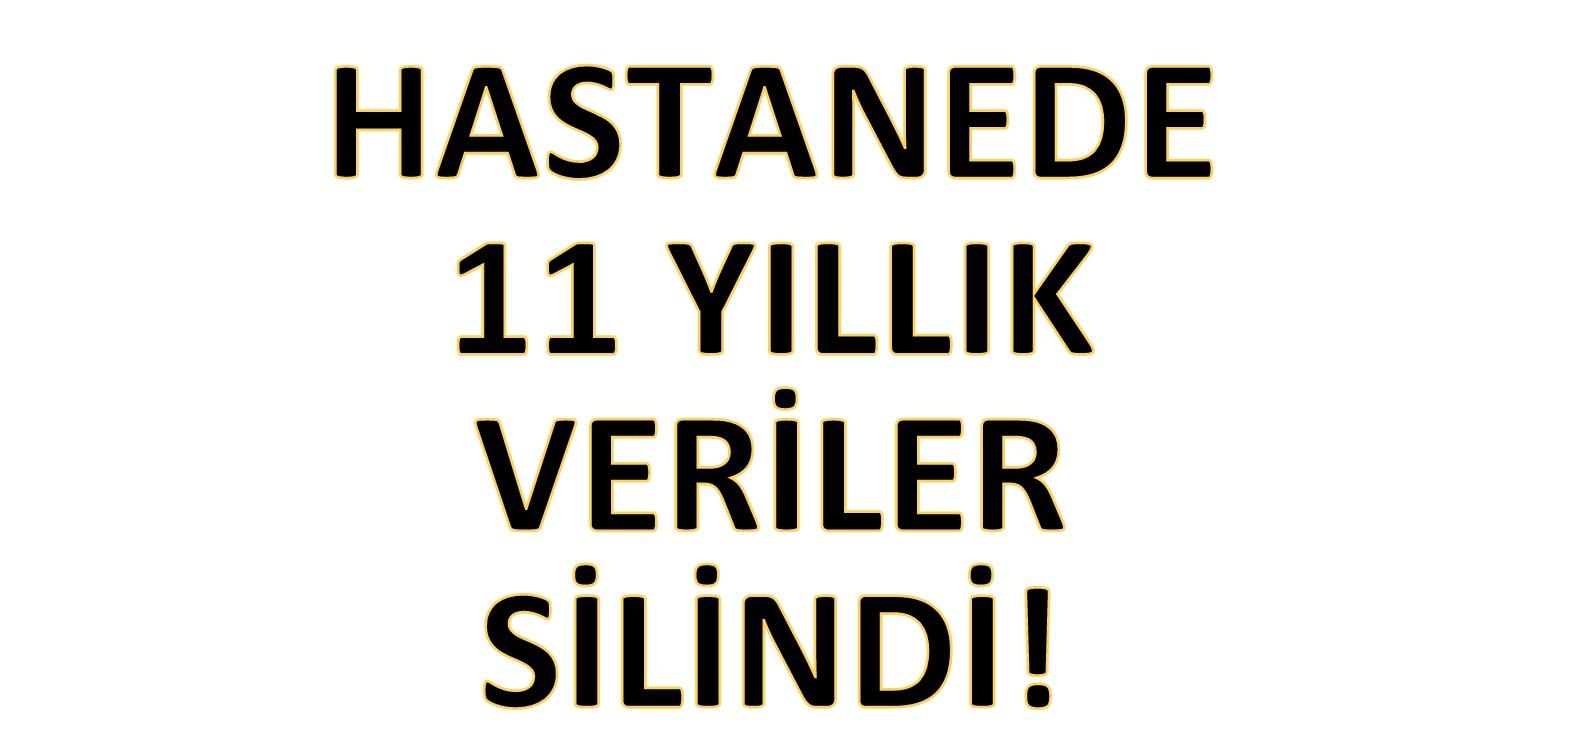 11 YILLIK VERİLER SİLİNDİ!